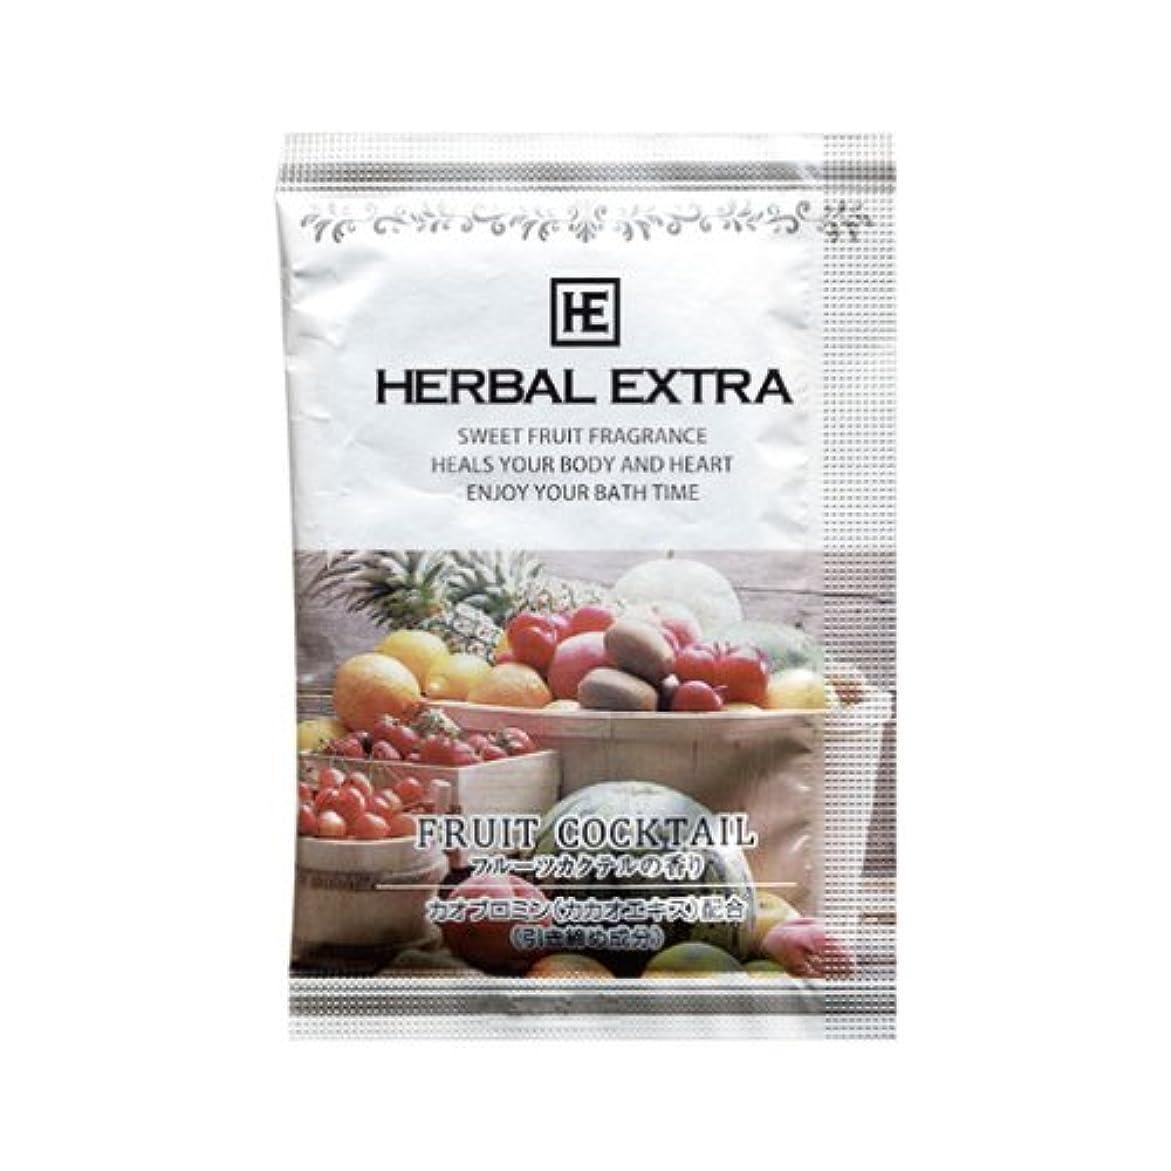 文芸カウボーイアクチュエータハーバルエクストラ入浴剤 フルーツカクテルの香り 40包